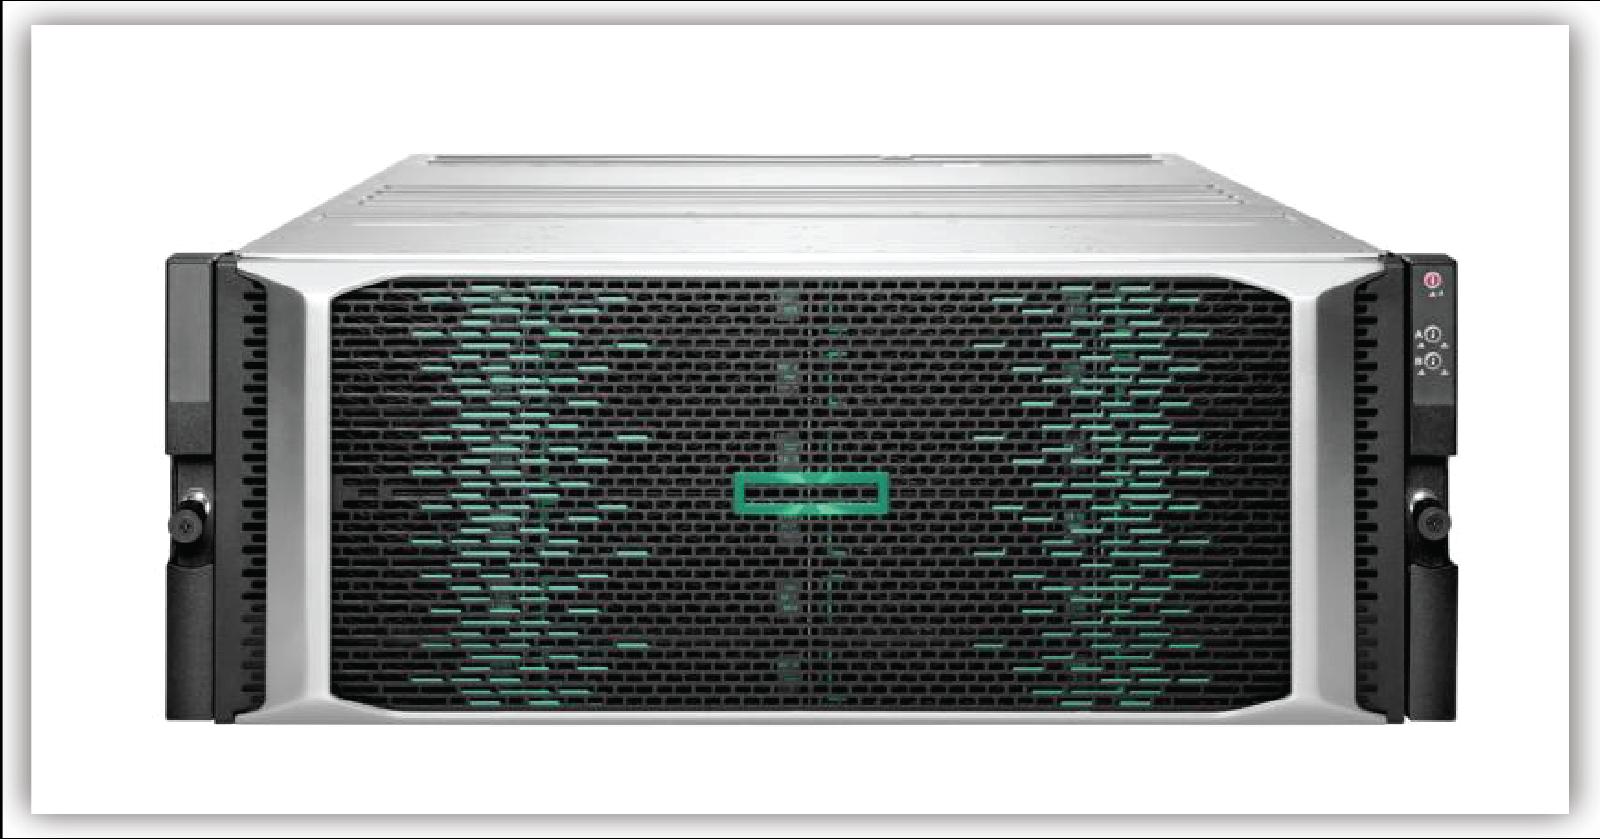 ครบเครื่องการจัดการข้อมูลแบบ SaaS ยุคคลาวด์-เนทีฟด้วย HPE Alletra 6000 และ HPE Alletra 9000